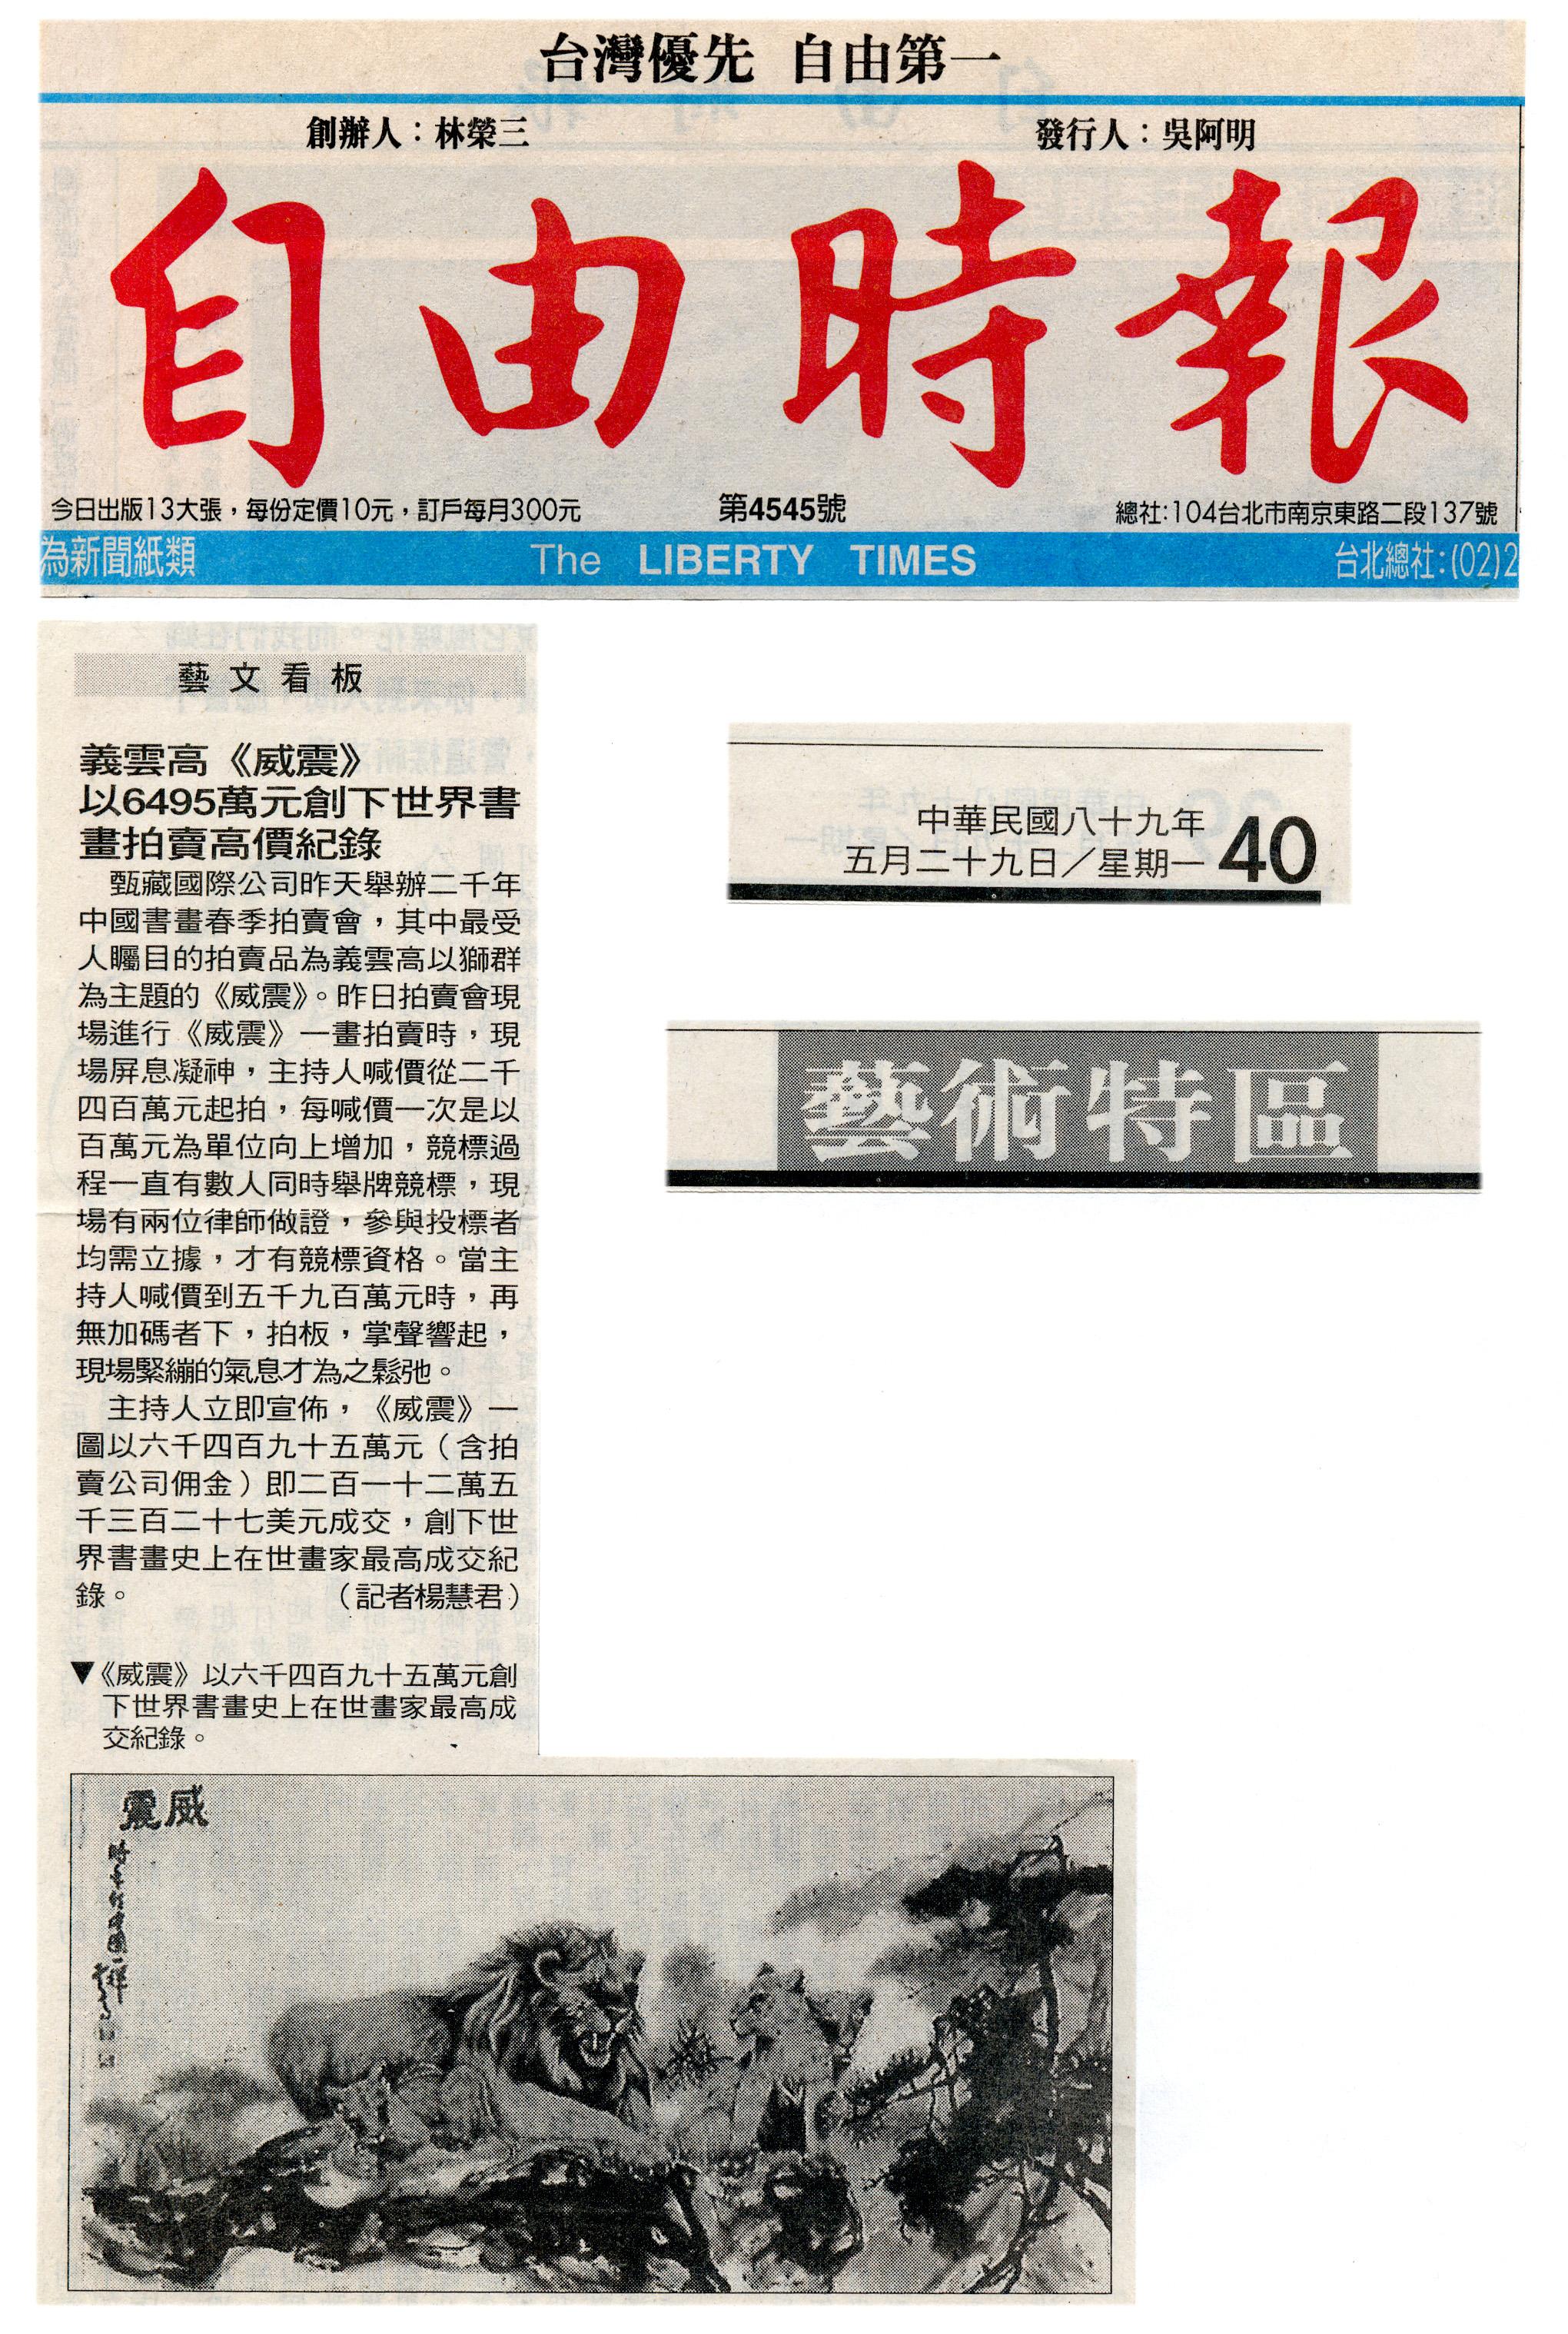 义云高( H.H.第三世多杰羌佛)《威震》以6495万元创下世界书画拍卖高价纪录